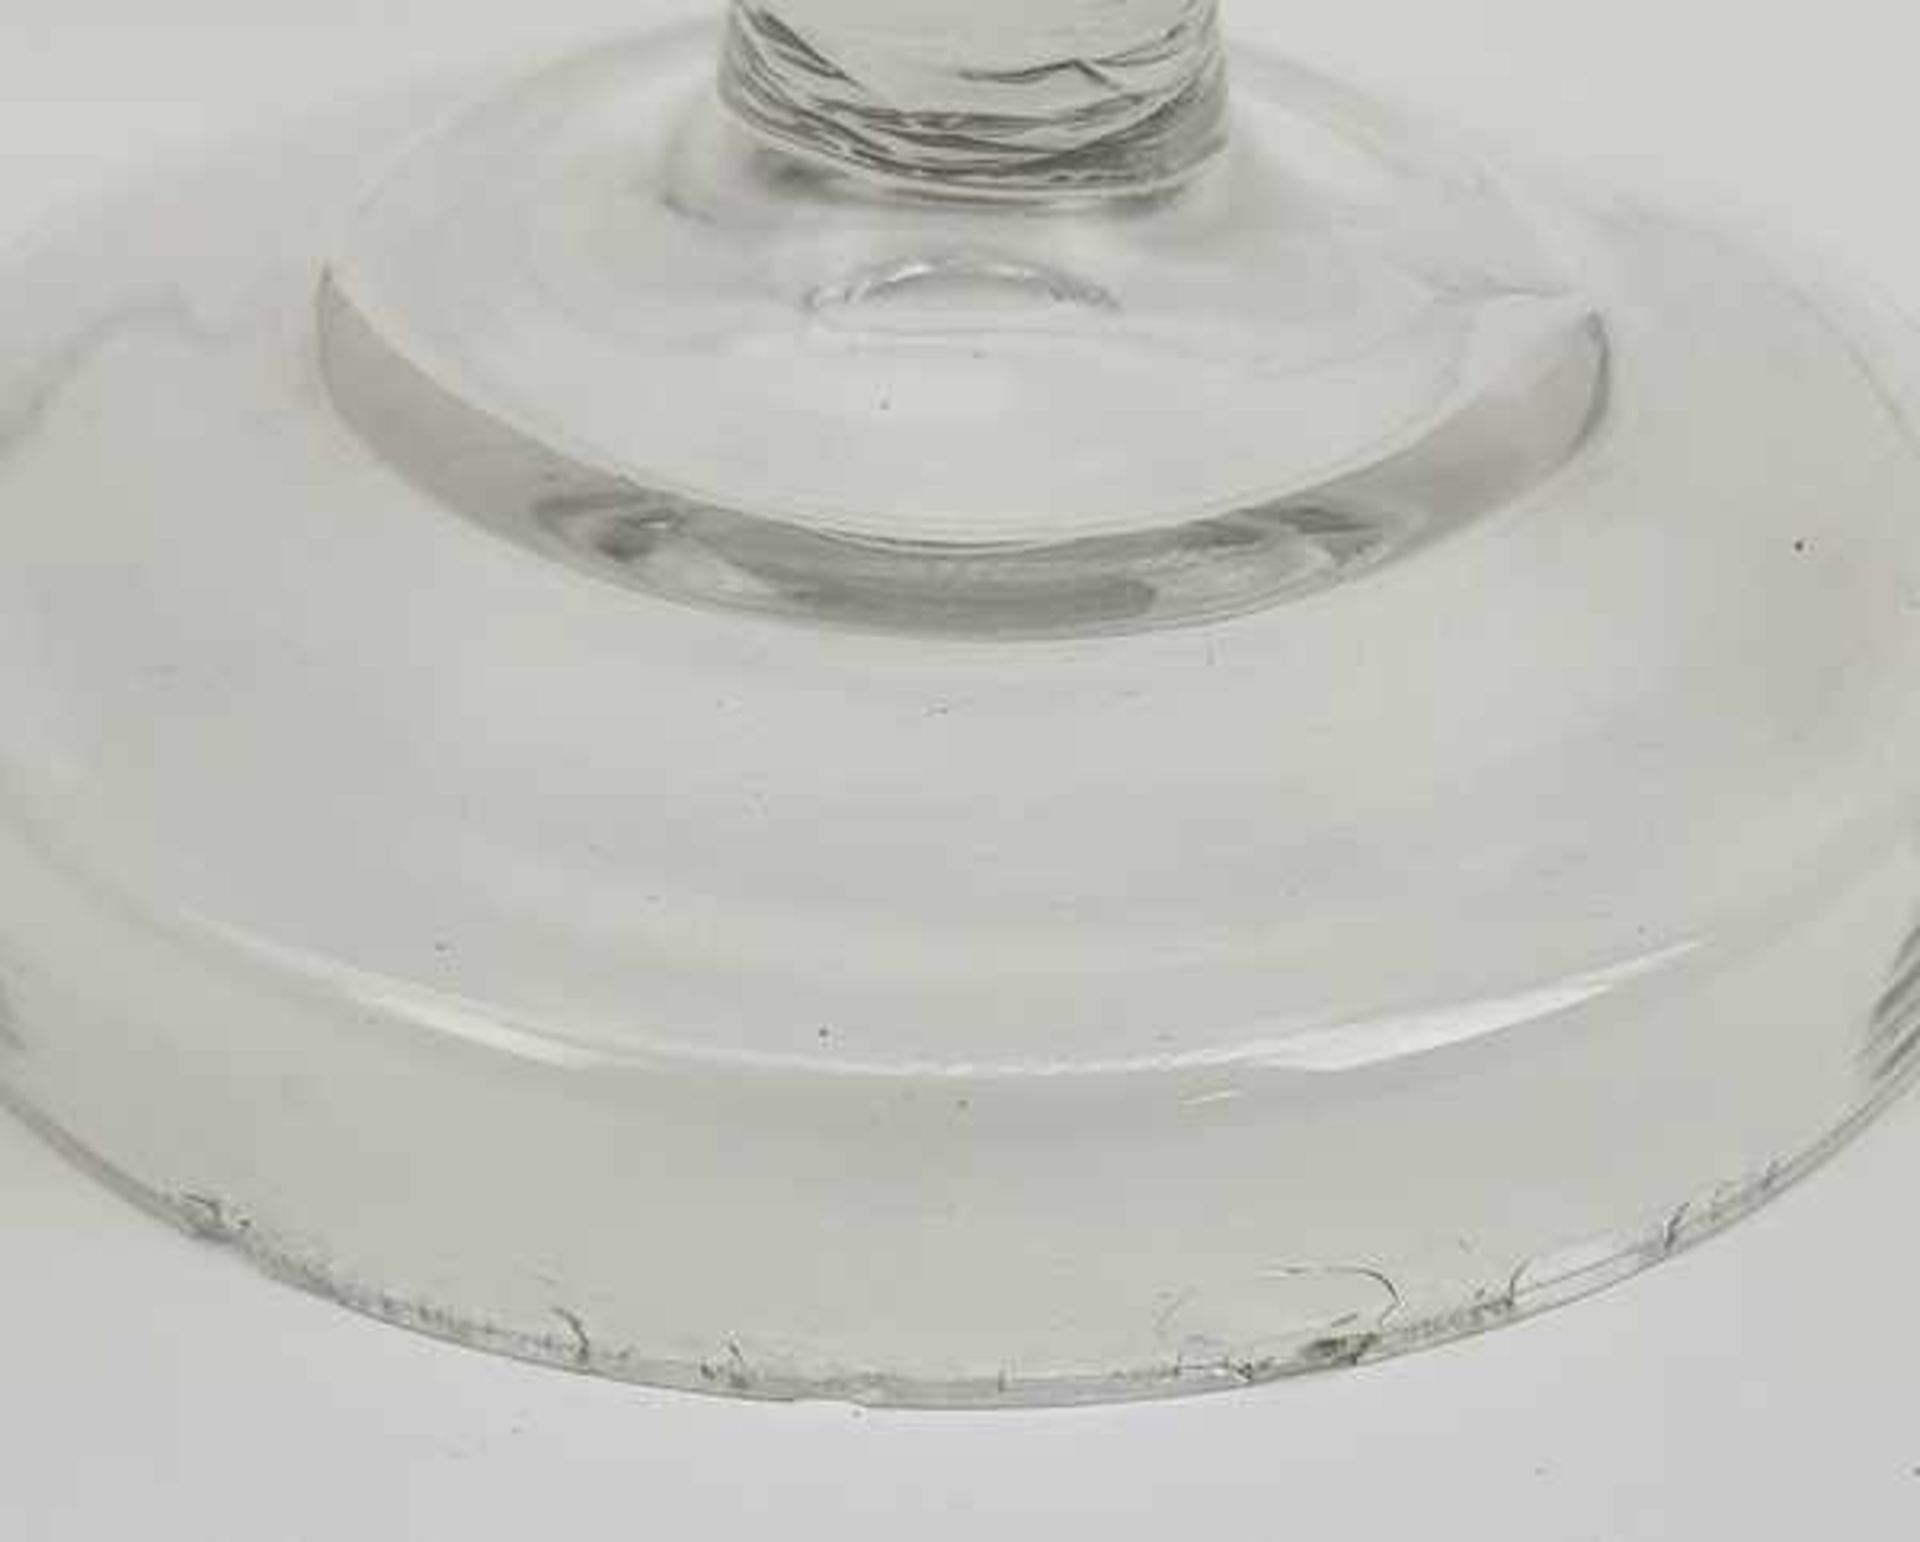 (Antiek) Glazen koekjespot en bowl schaal - Image 6 of 7